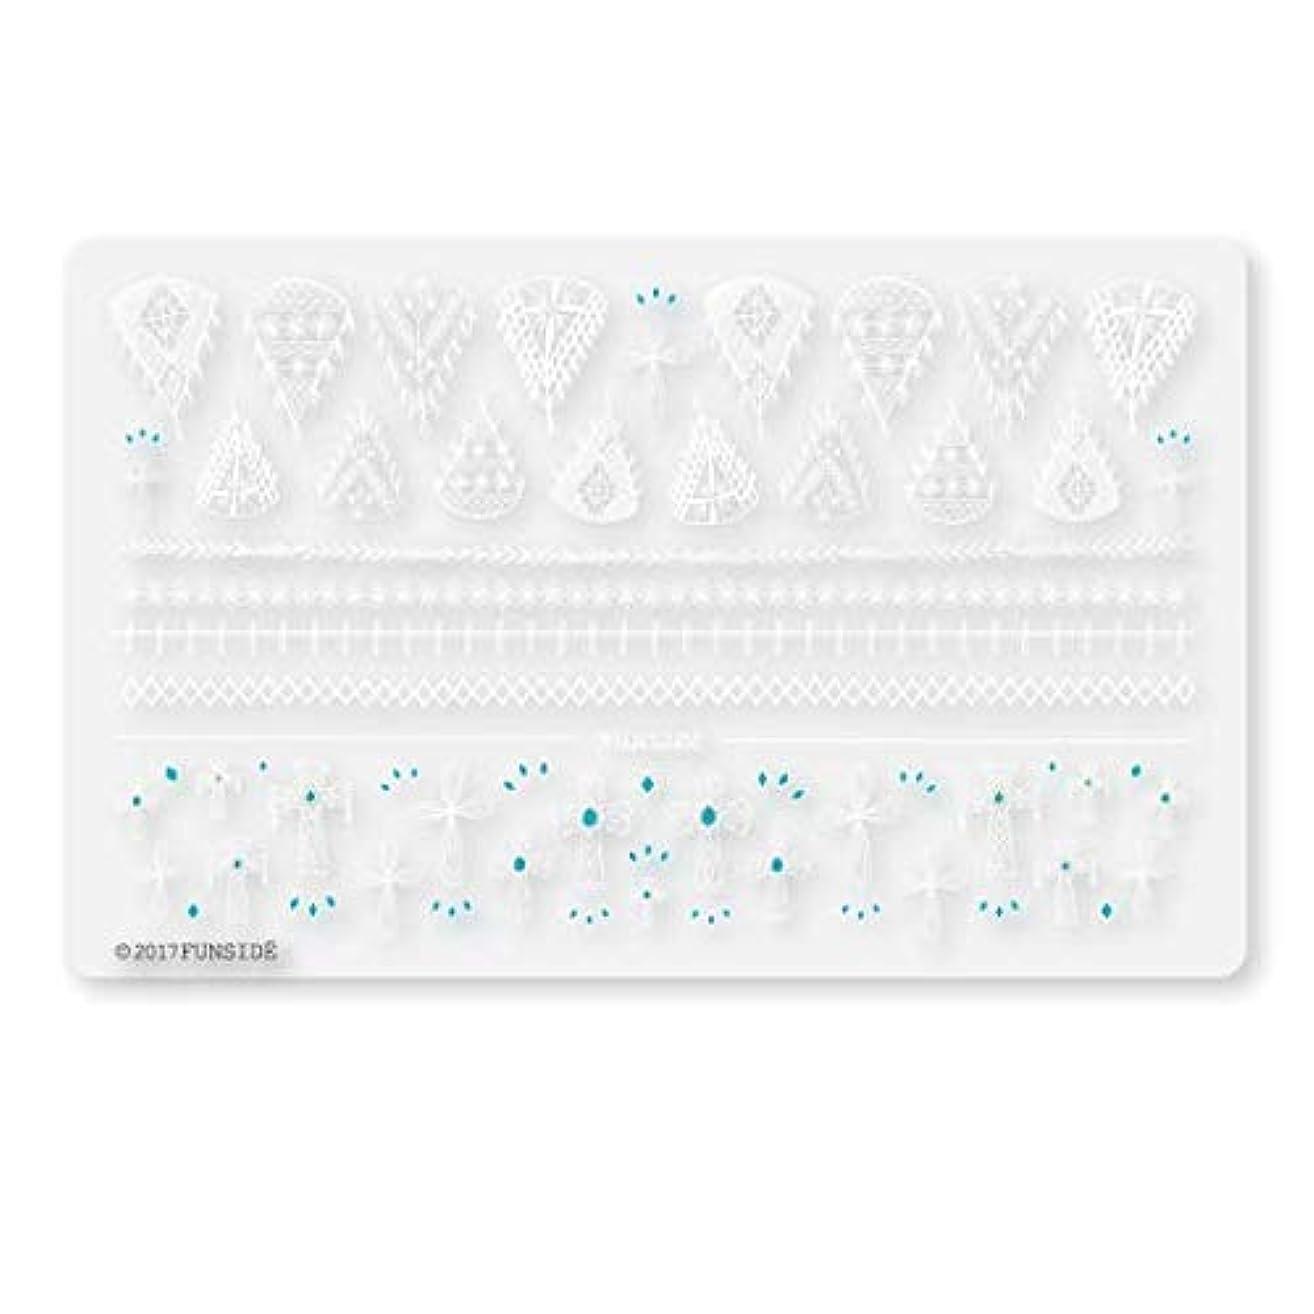 ポジションコインひそかに未硬化ジェル対応 Crochet + クロシェクロス ネイルシール ネイルステッカー クロッシェ クロス エスニック ボヘミアン 貼りやすい 貼るだけ 極薄シート 日本製